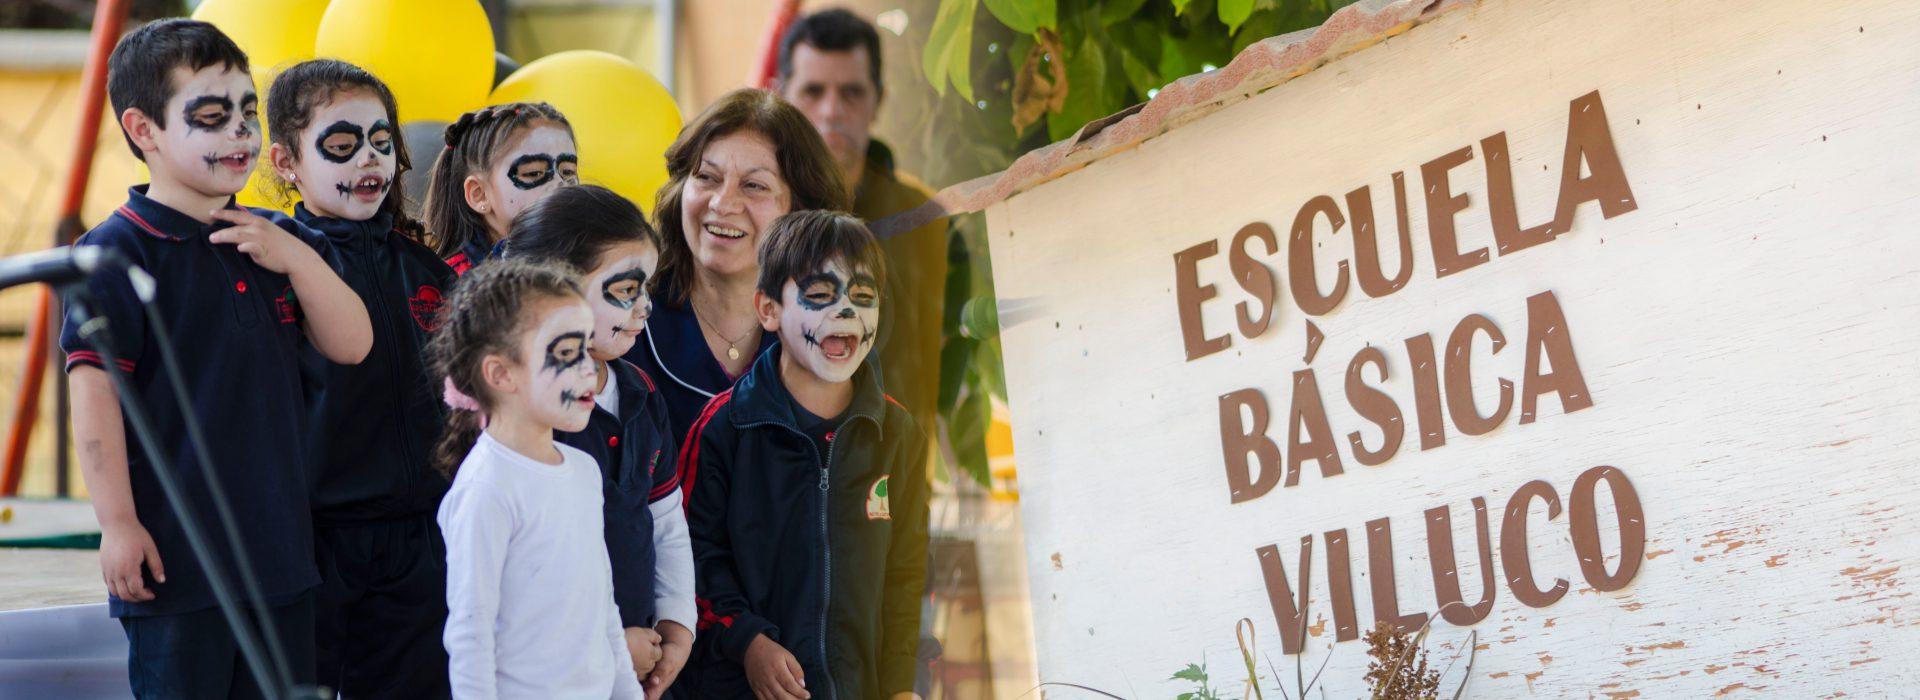 Banner Escuela Basica Viluco